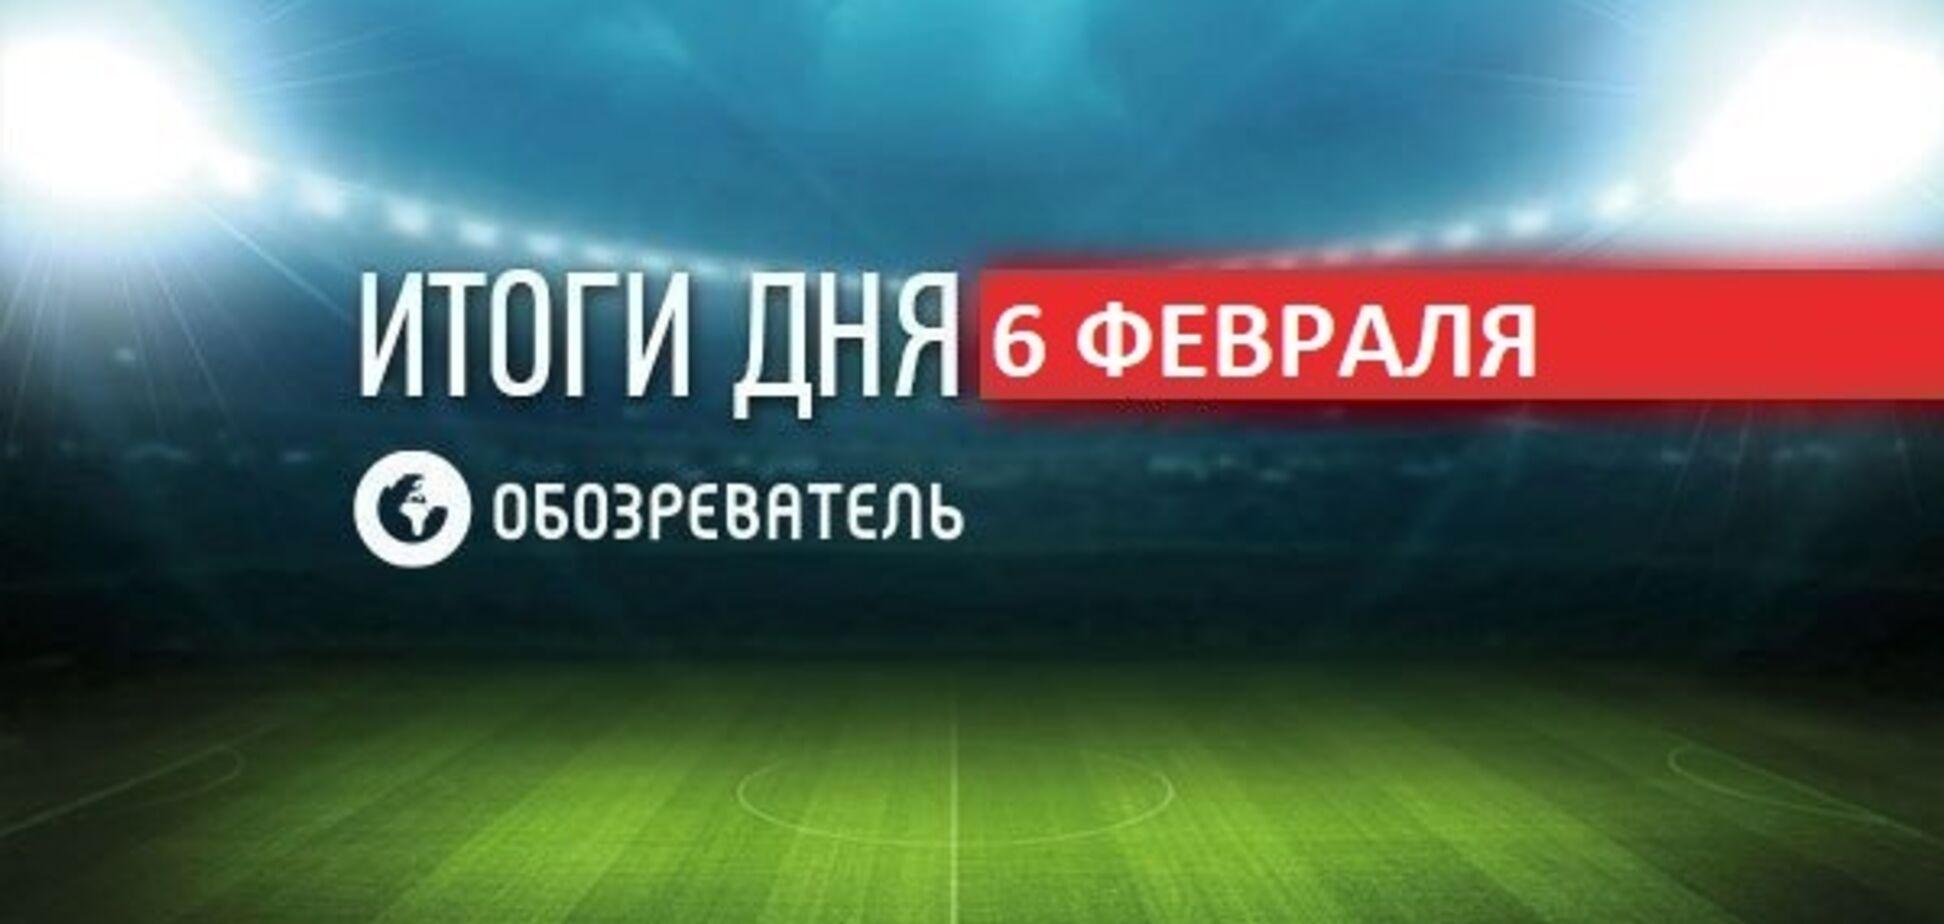 Усик розгнівав українців: спортивні підсумки 6 лютого